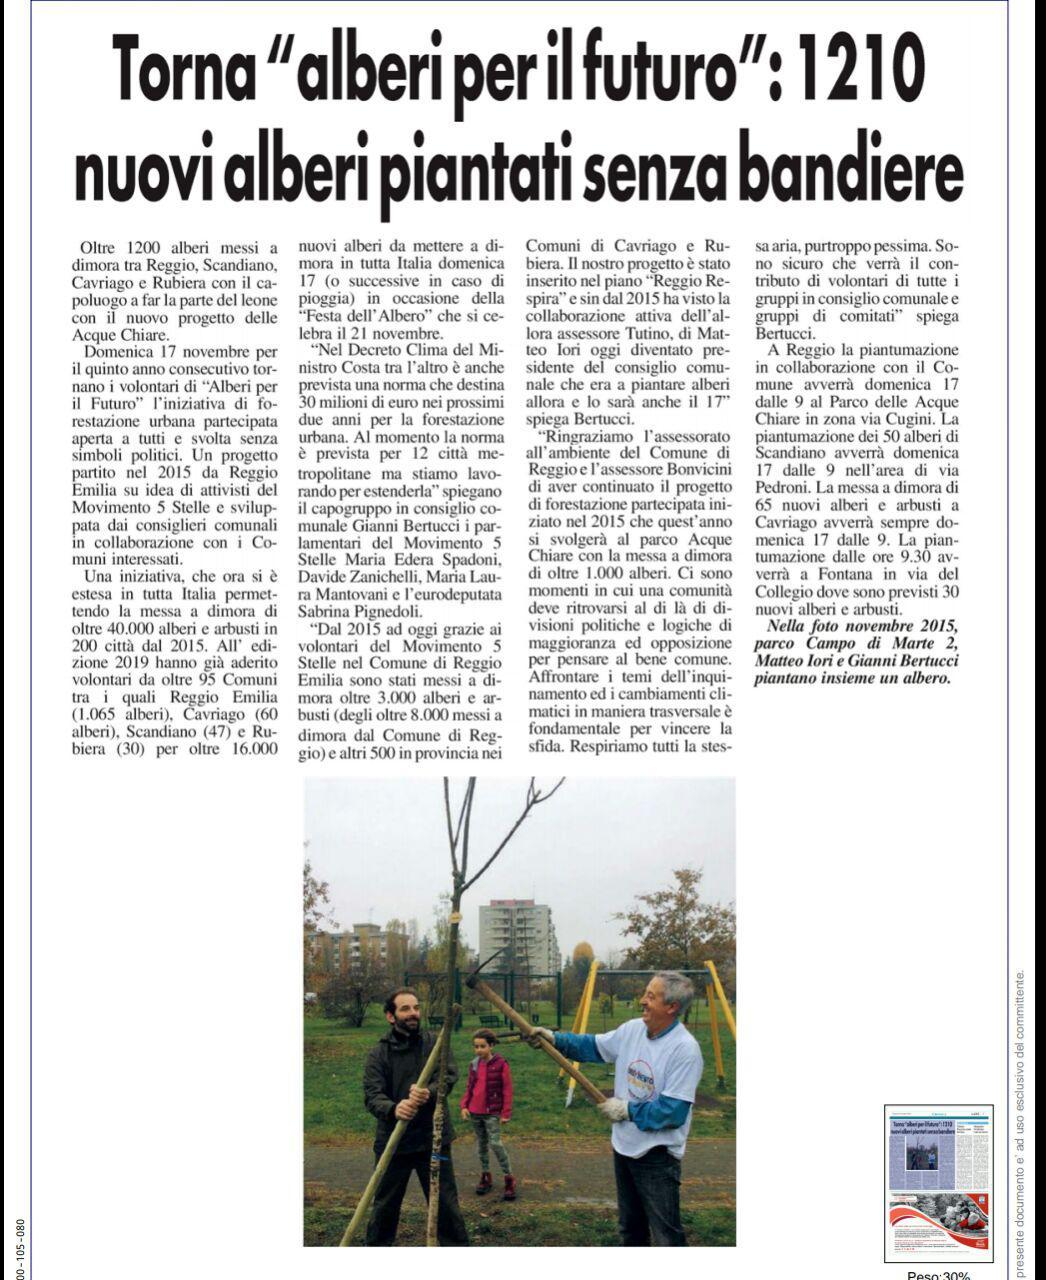 """Rs, Domenica 17 novembre torna """"Alberi per il futuro"""" a Reggio Emilia e provincia"""